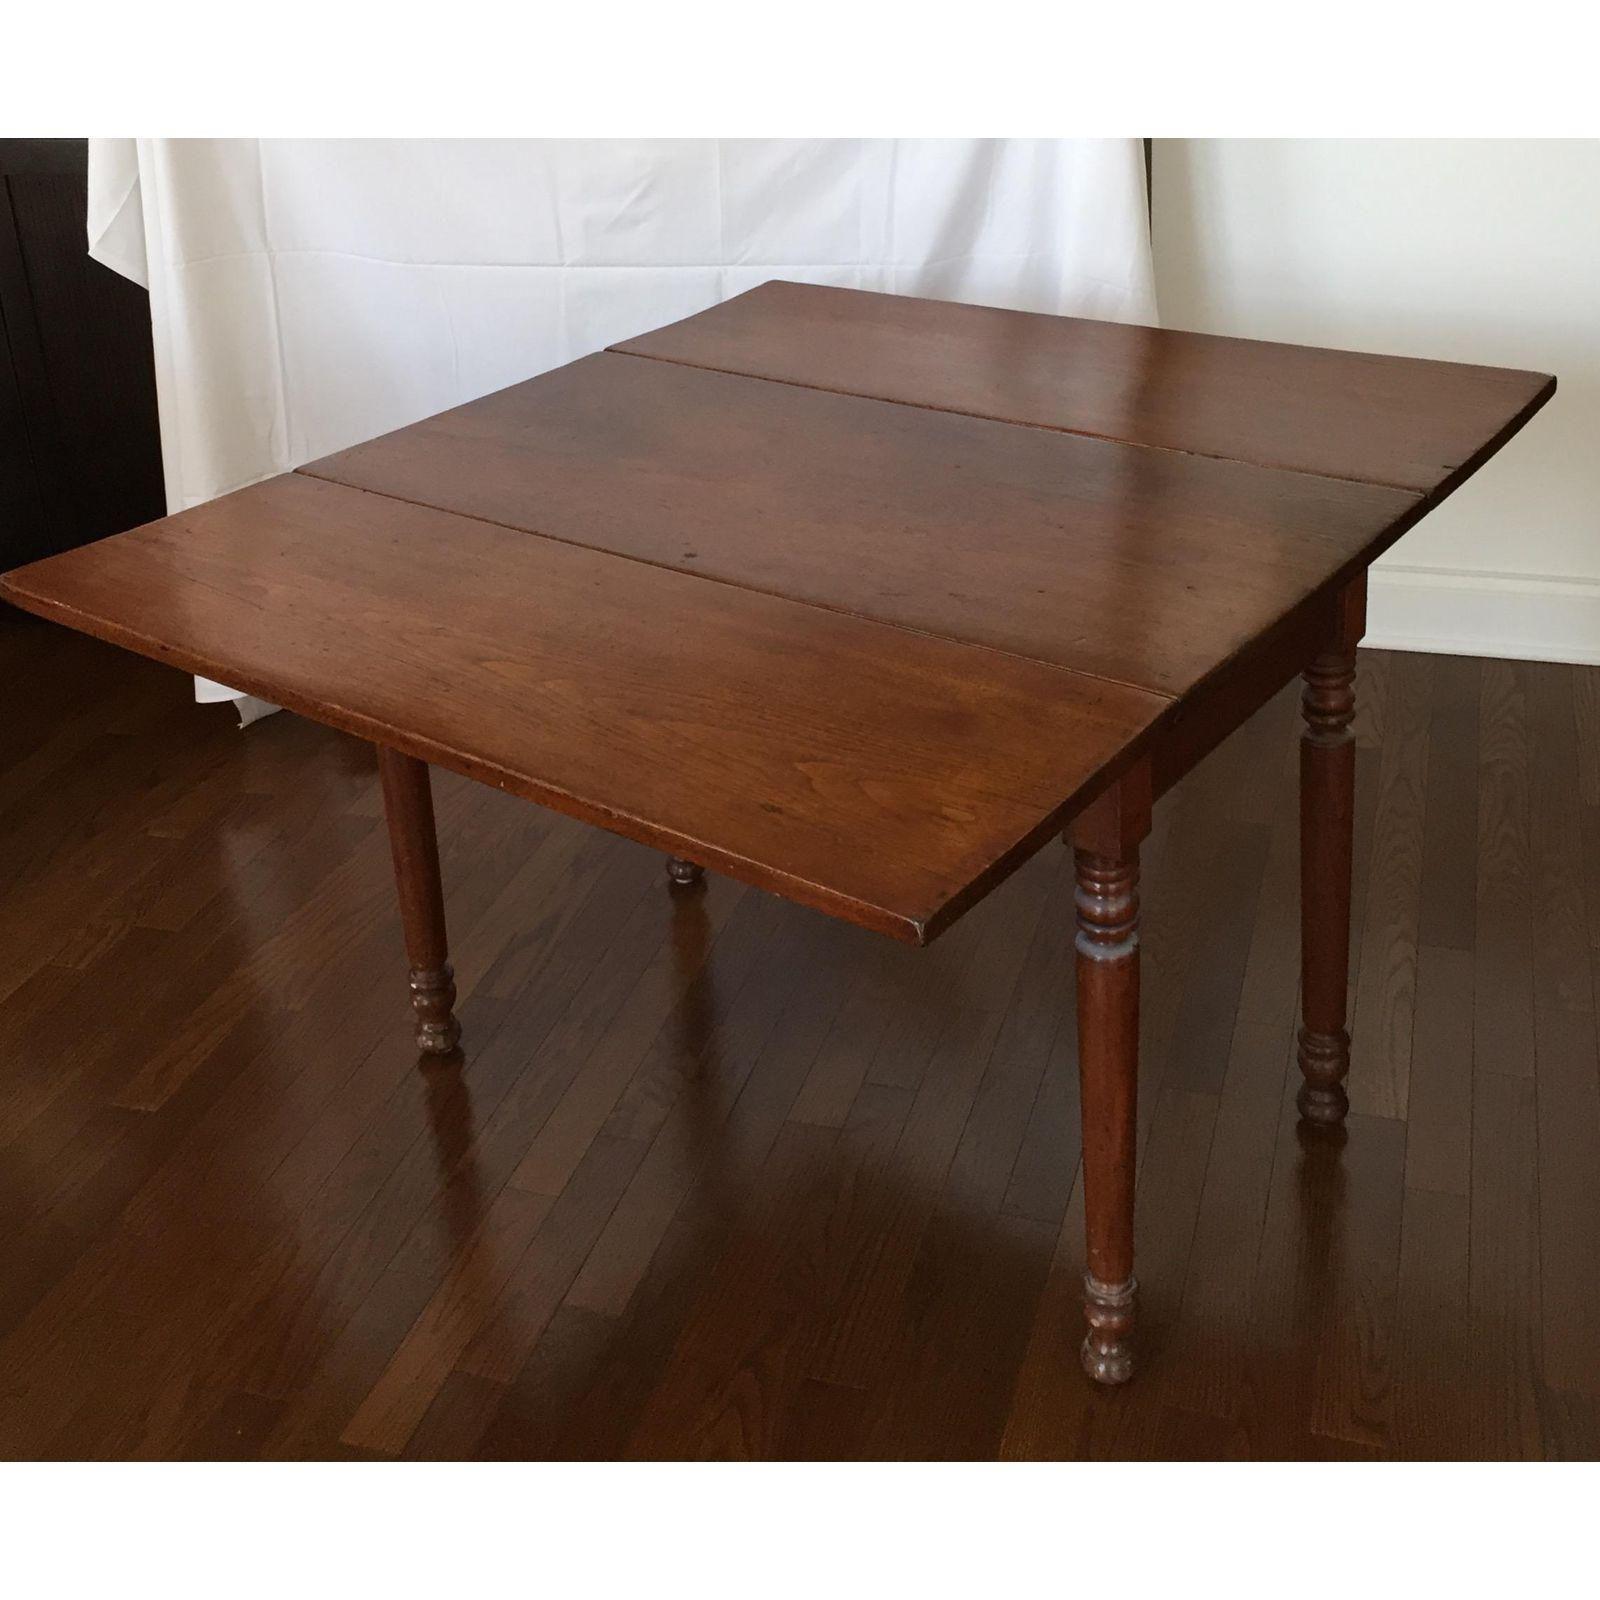 Antique Black Walnut Drop Leaf Dining Table Vintage Industrial